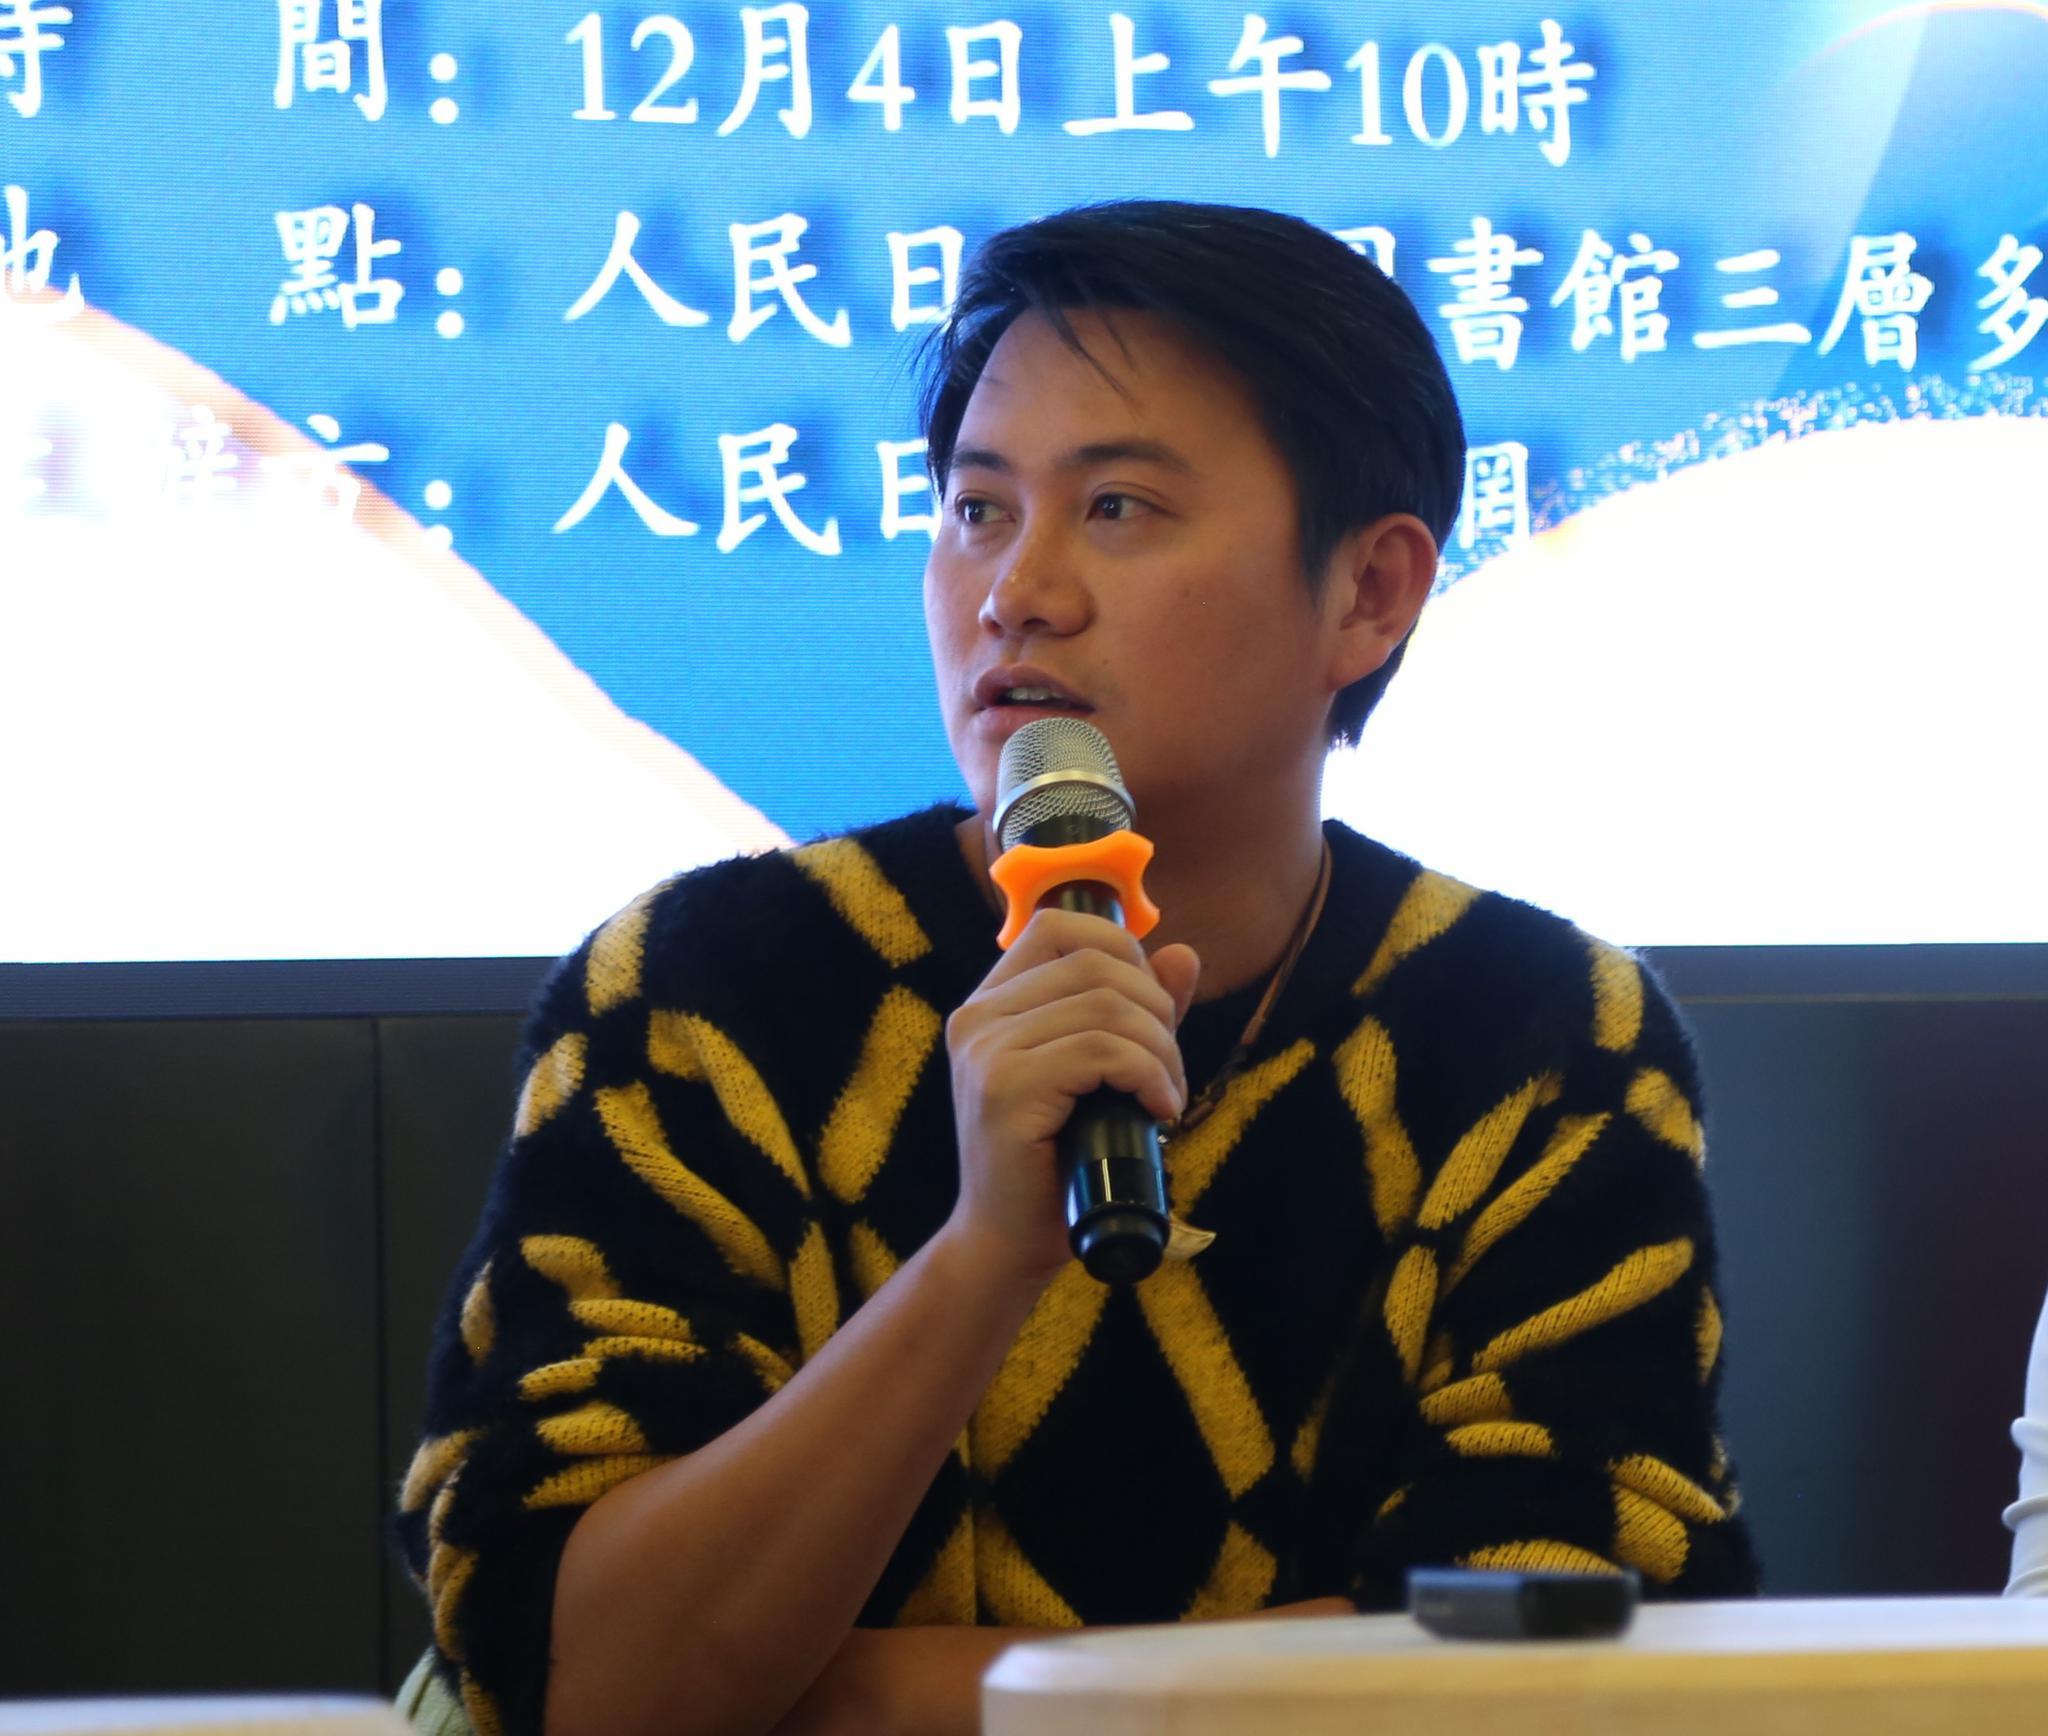 台湾音乐人杨品骅:两岸音乐可以有更多融合,不可阻挡